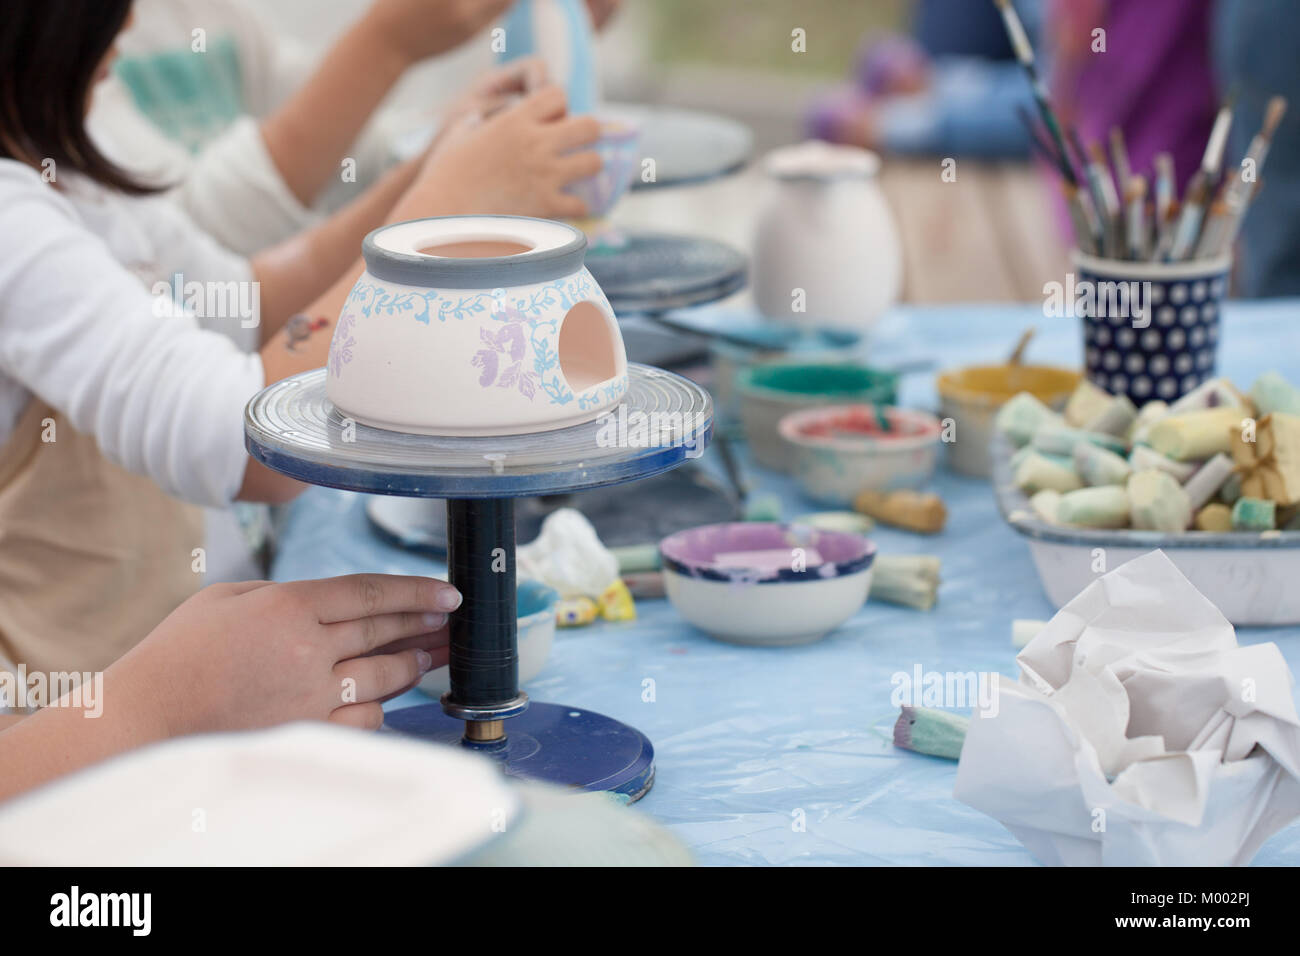 Piatti In Ceramica Per Bambini.Pittura Ceramica Pittura Per Bambini Piatti In Ceramica